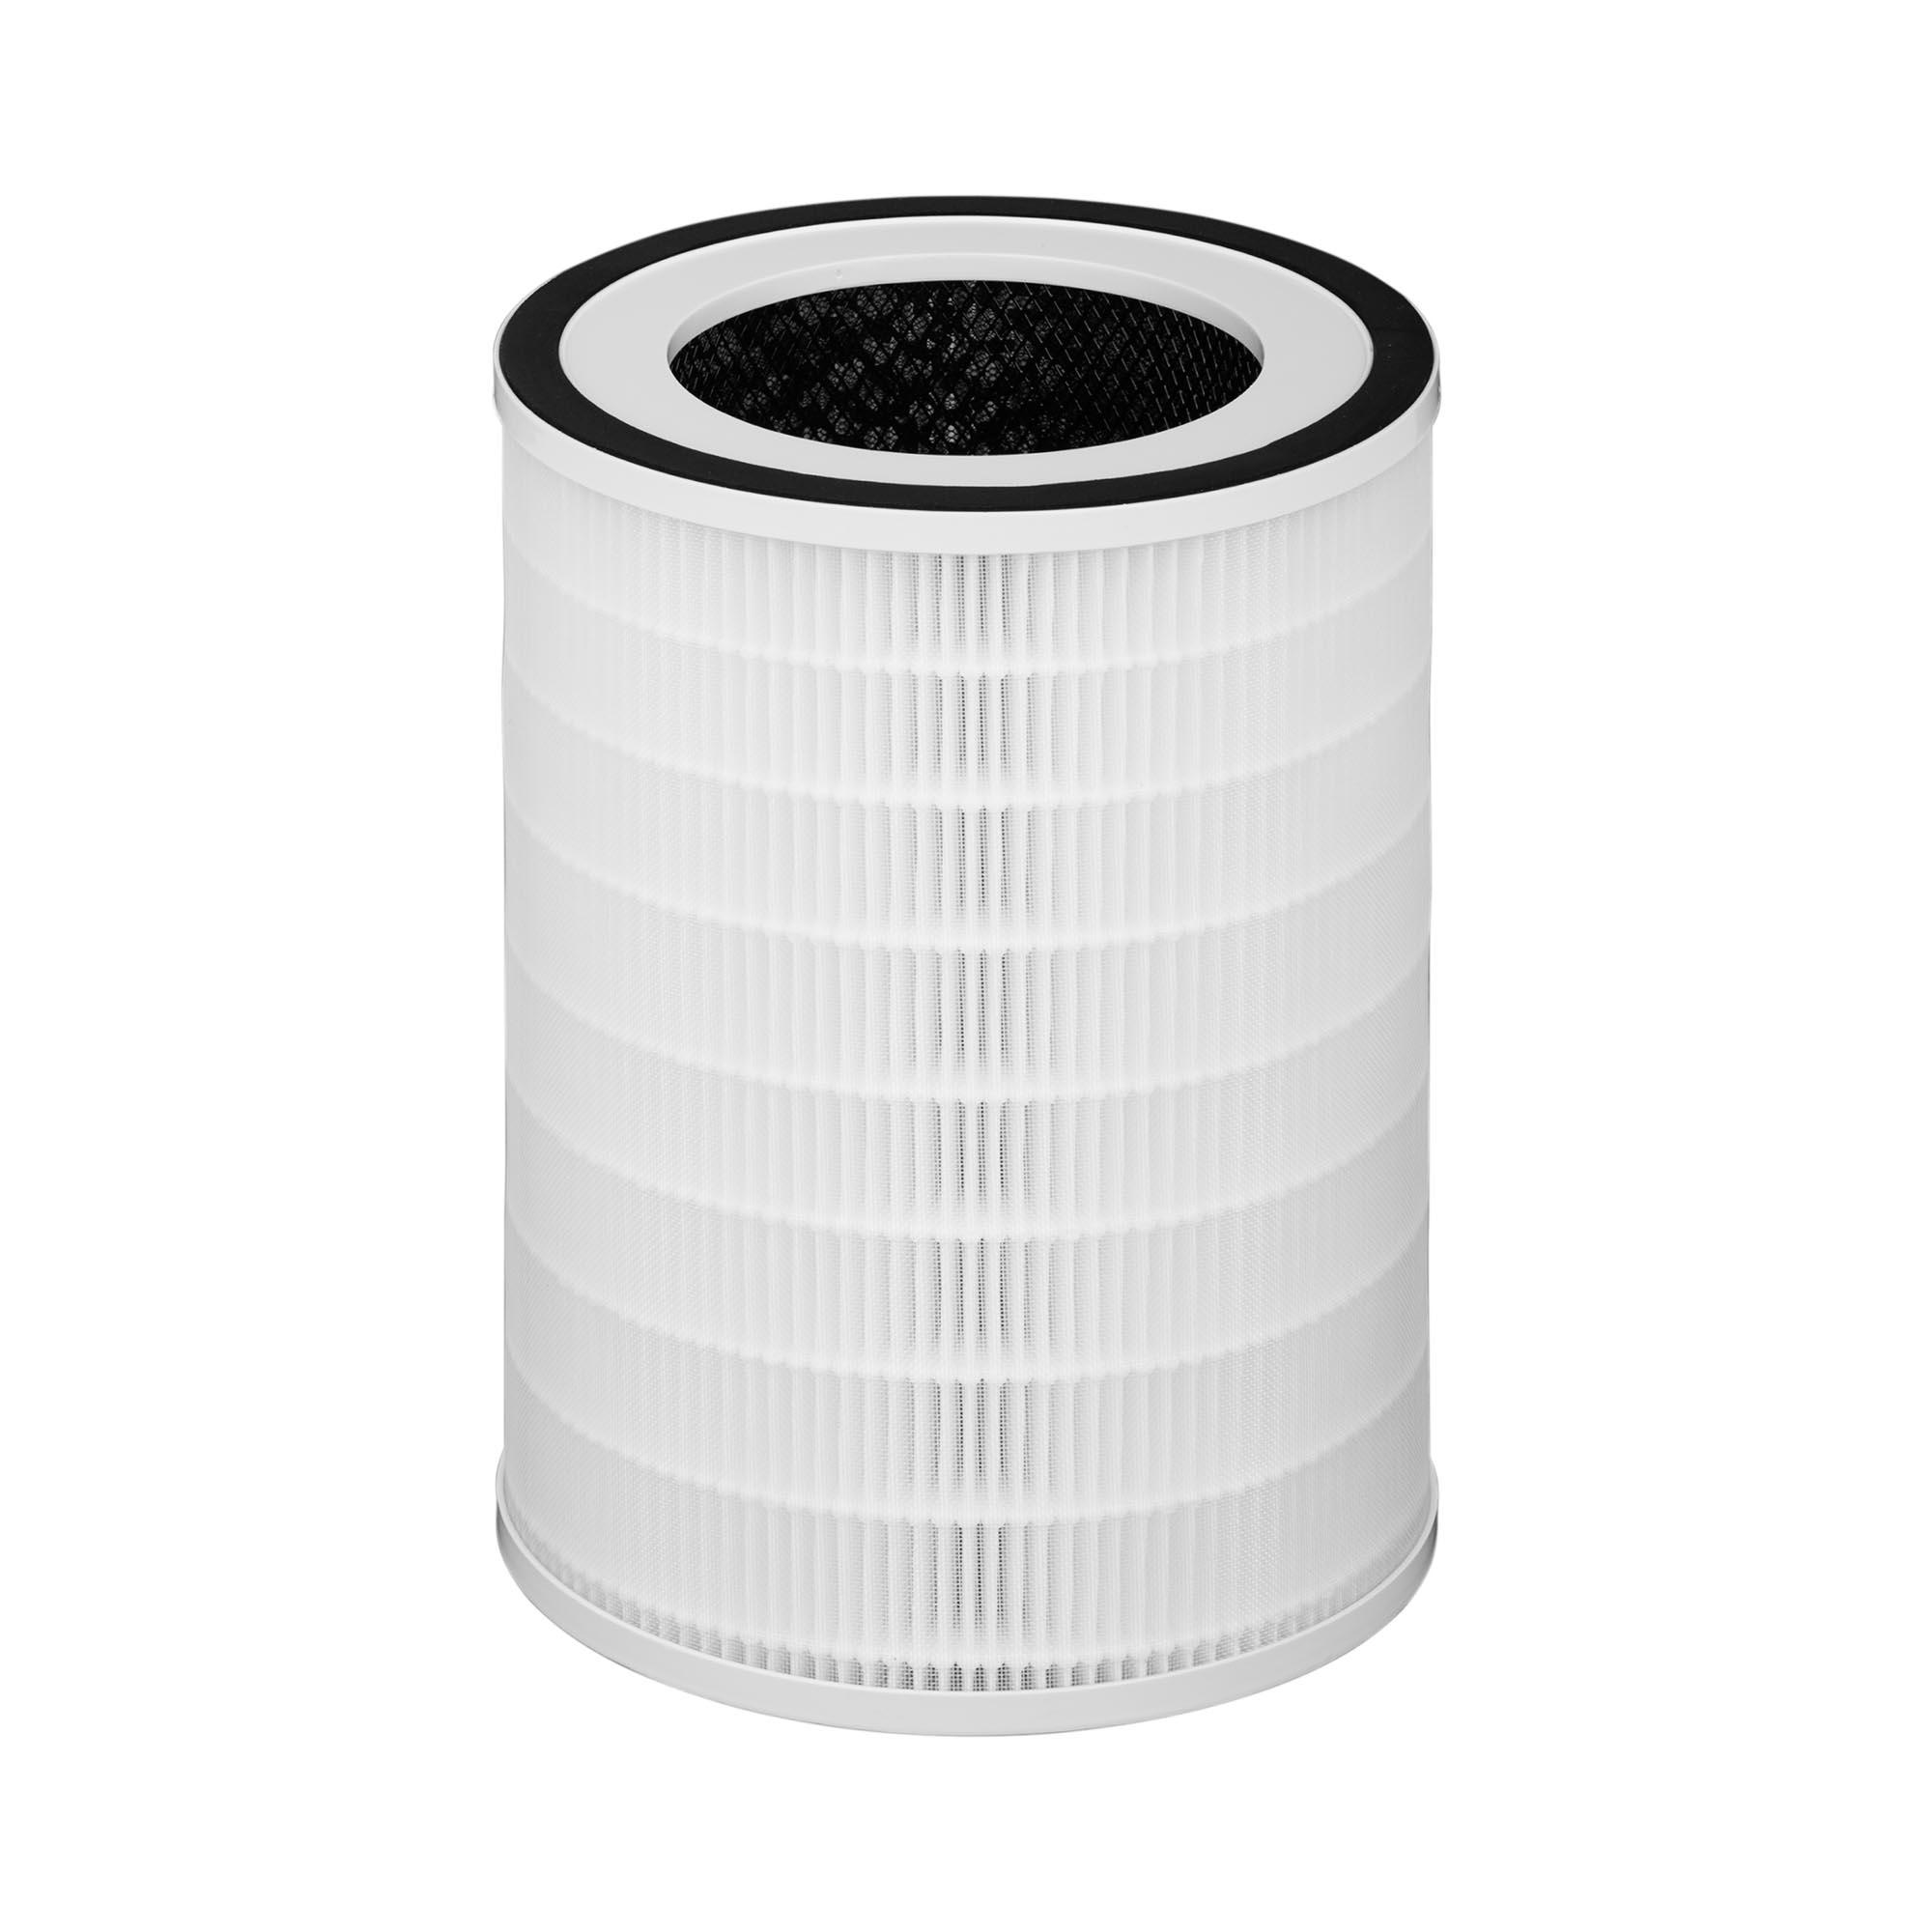 Uniprodo 3-Stufen-Filter für Luftreiniger UNI_AIR PURIFIER_01 UNI_AIR PURIFIER FILTER_01